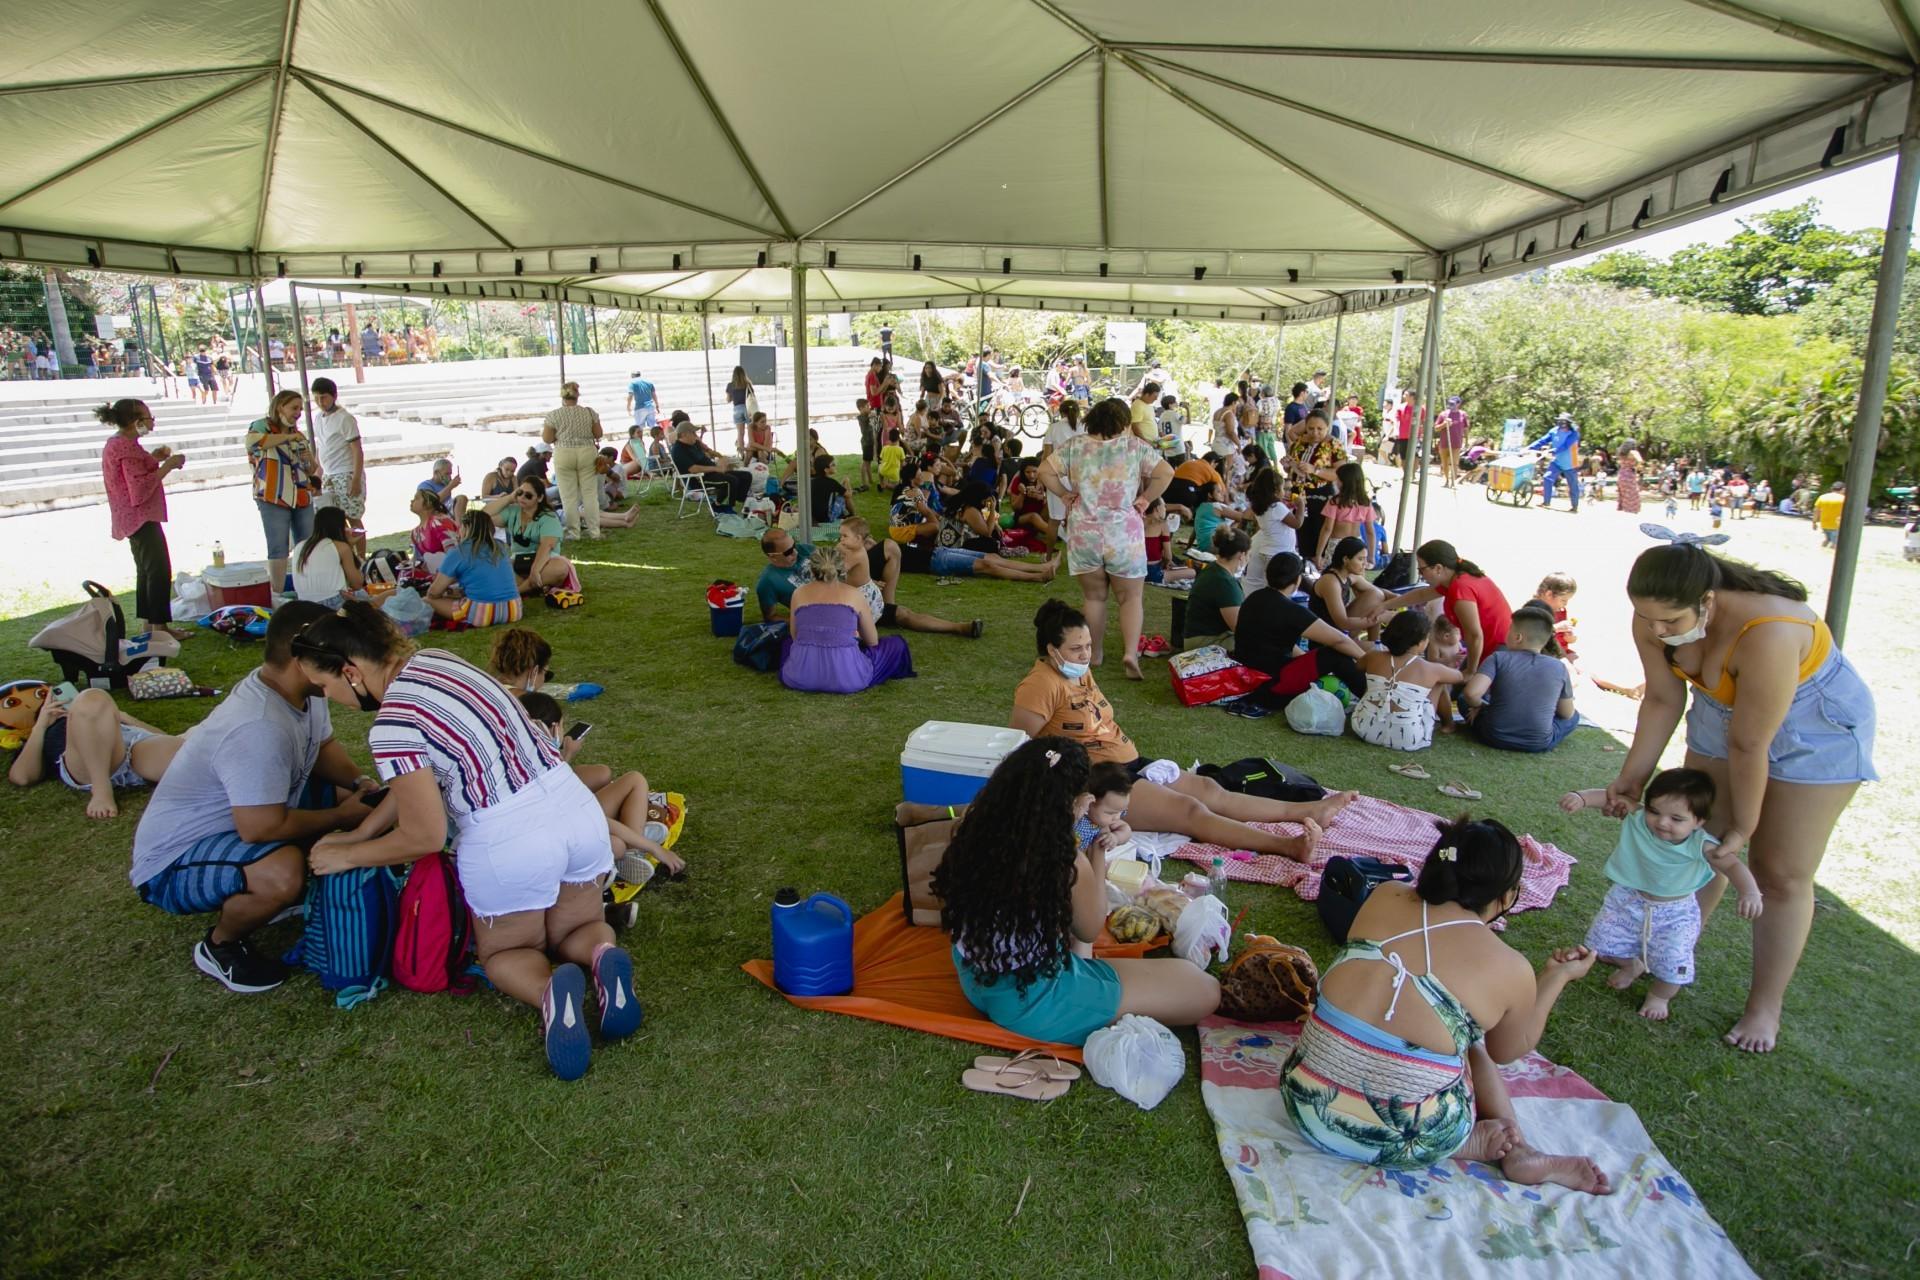 (Foto: Aurelio Alves)Famílias com crianças pequenas aproveitam o dia para brincar no Parque do Cocó durante o feriado desta terça-feira